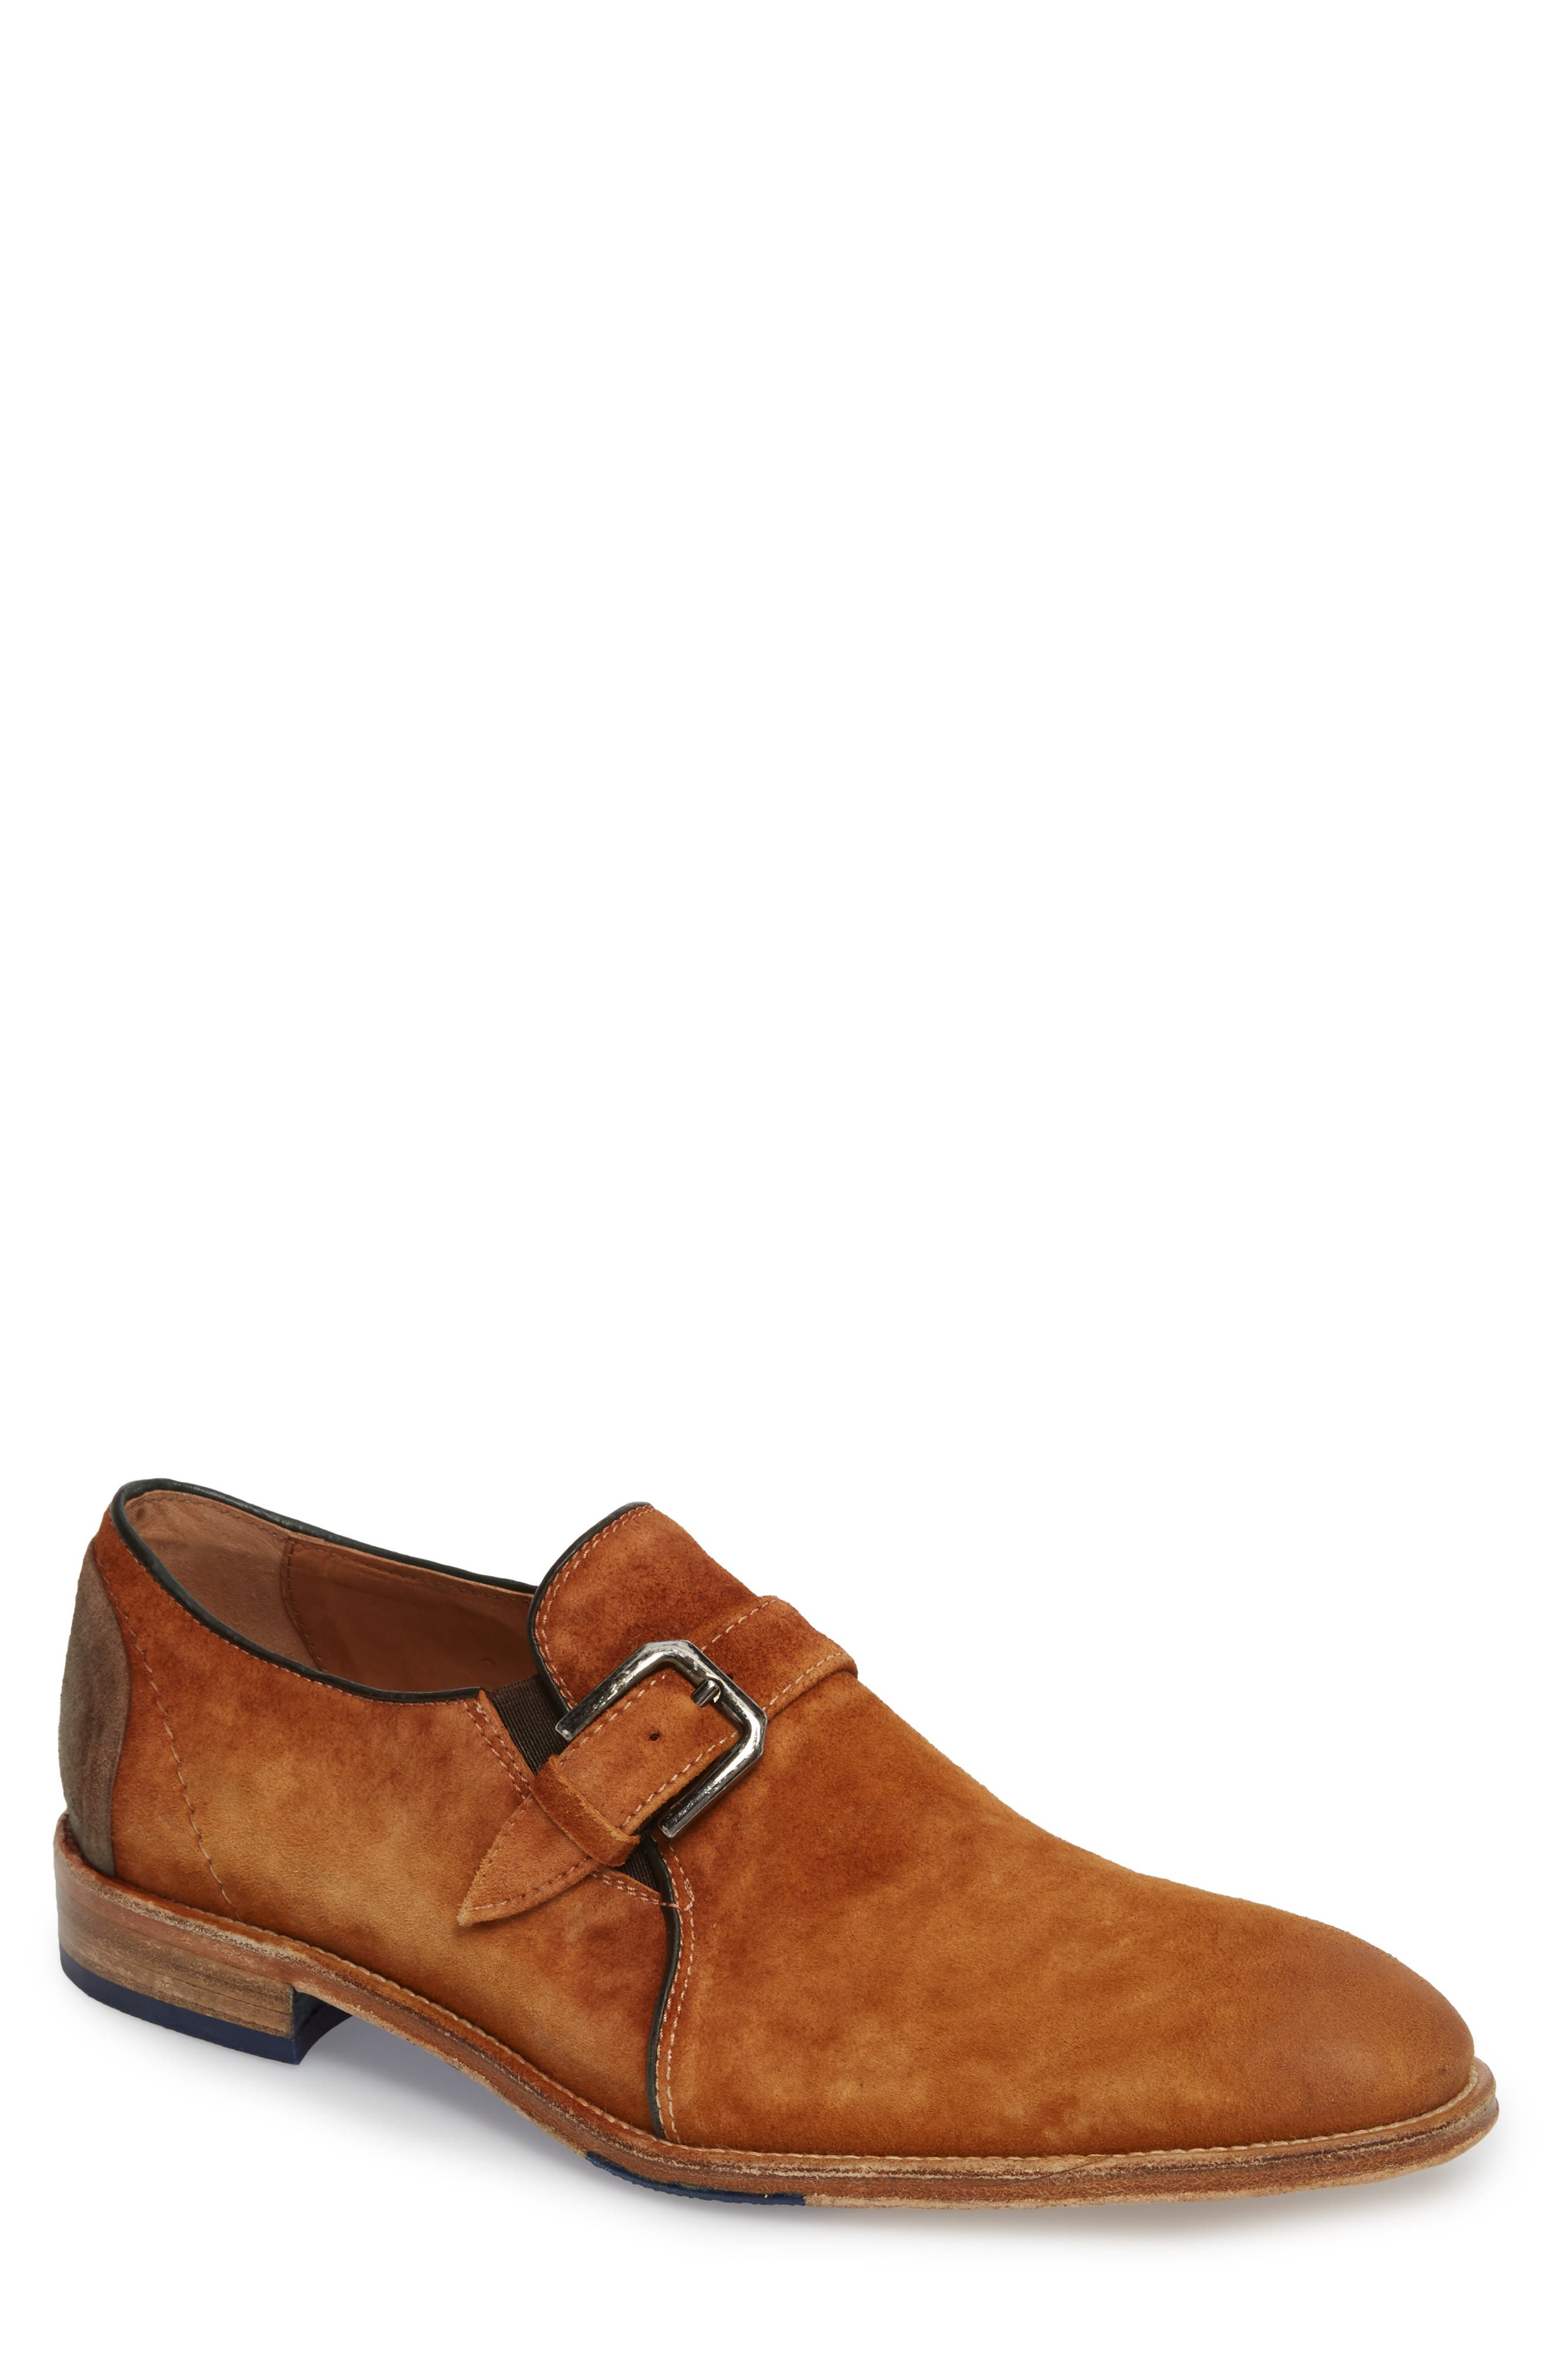 Alex Single Buckle Monk Shoe,                             Main thumbnail 1, color,